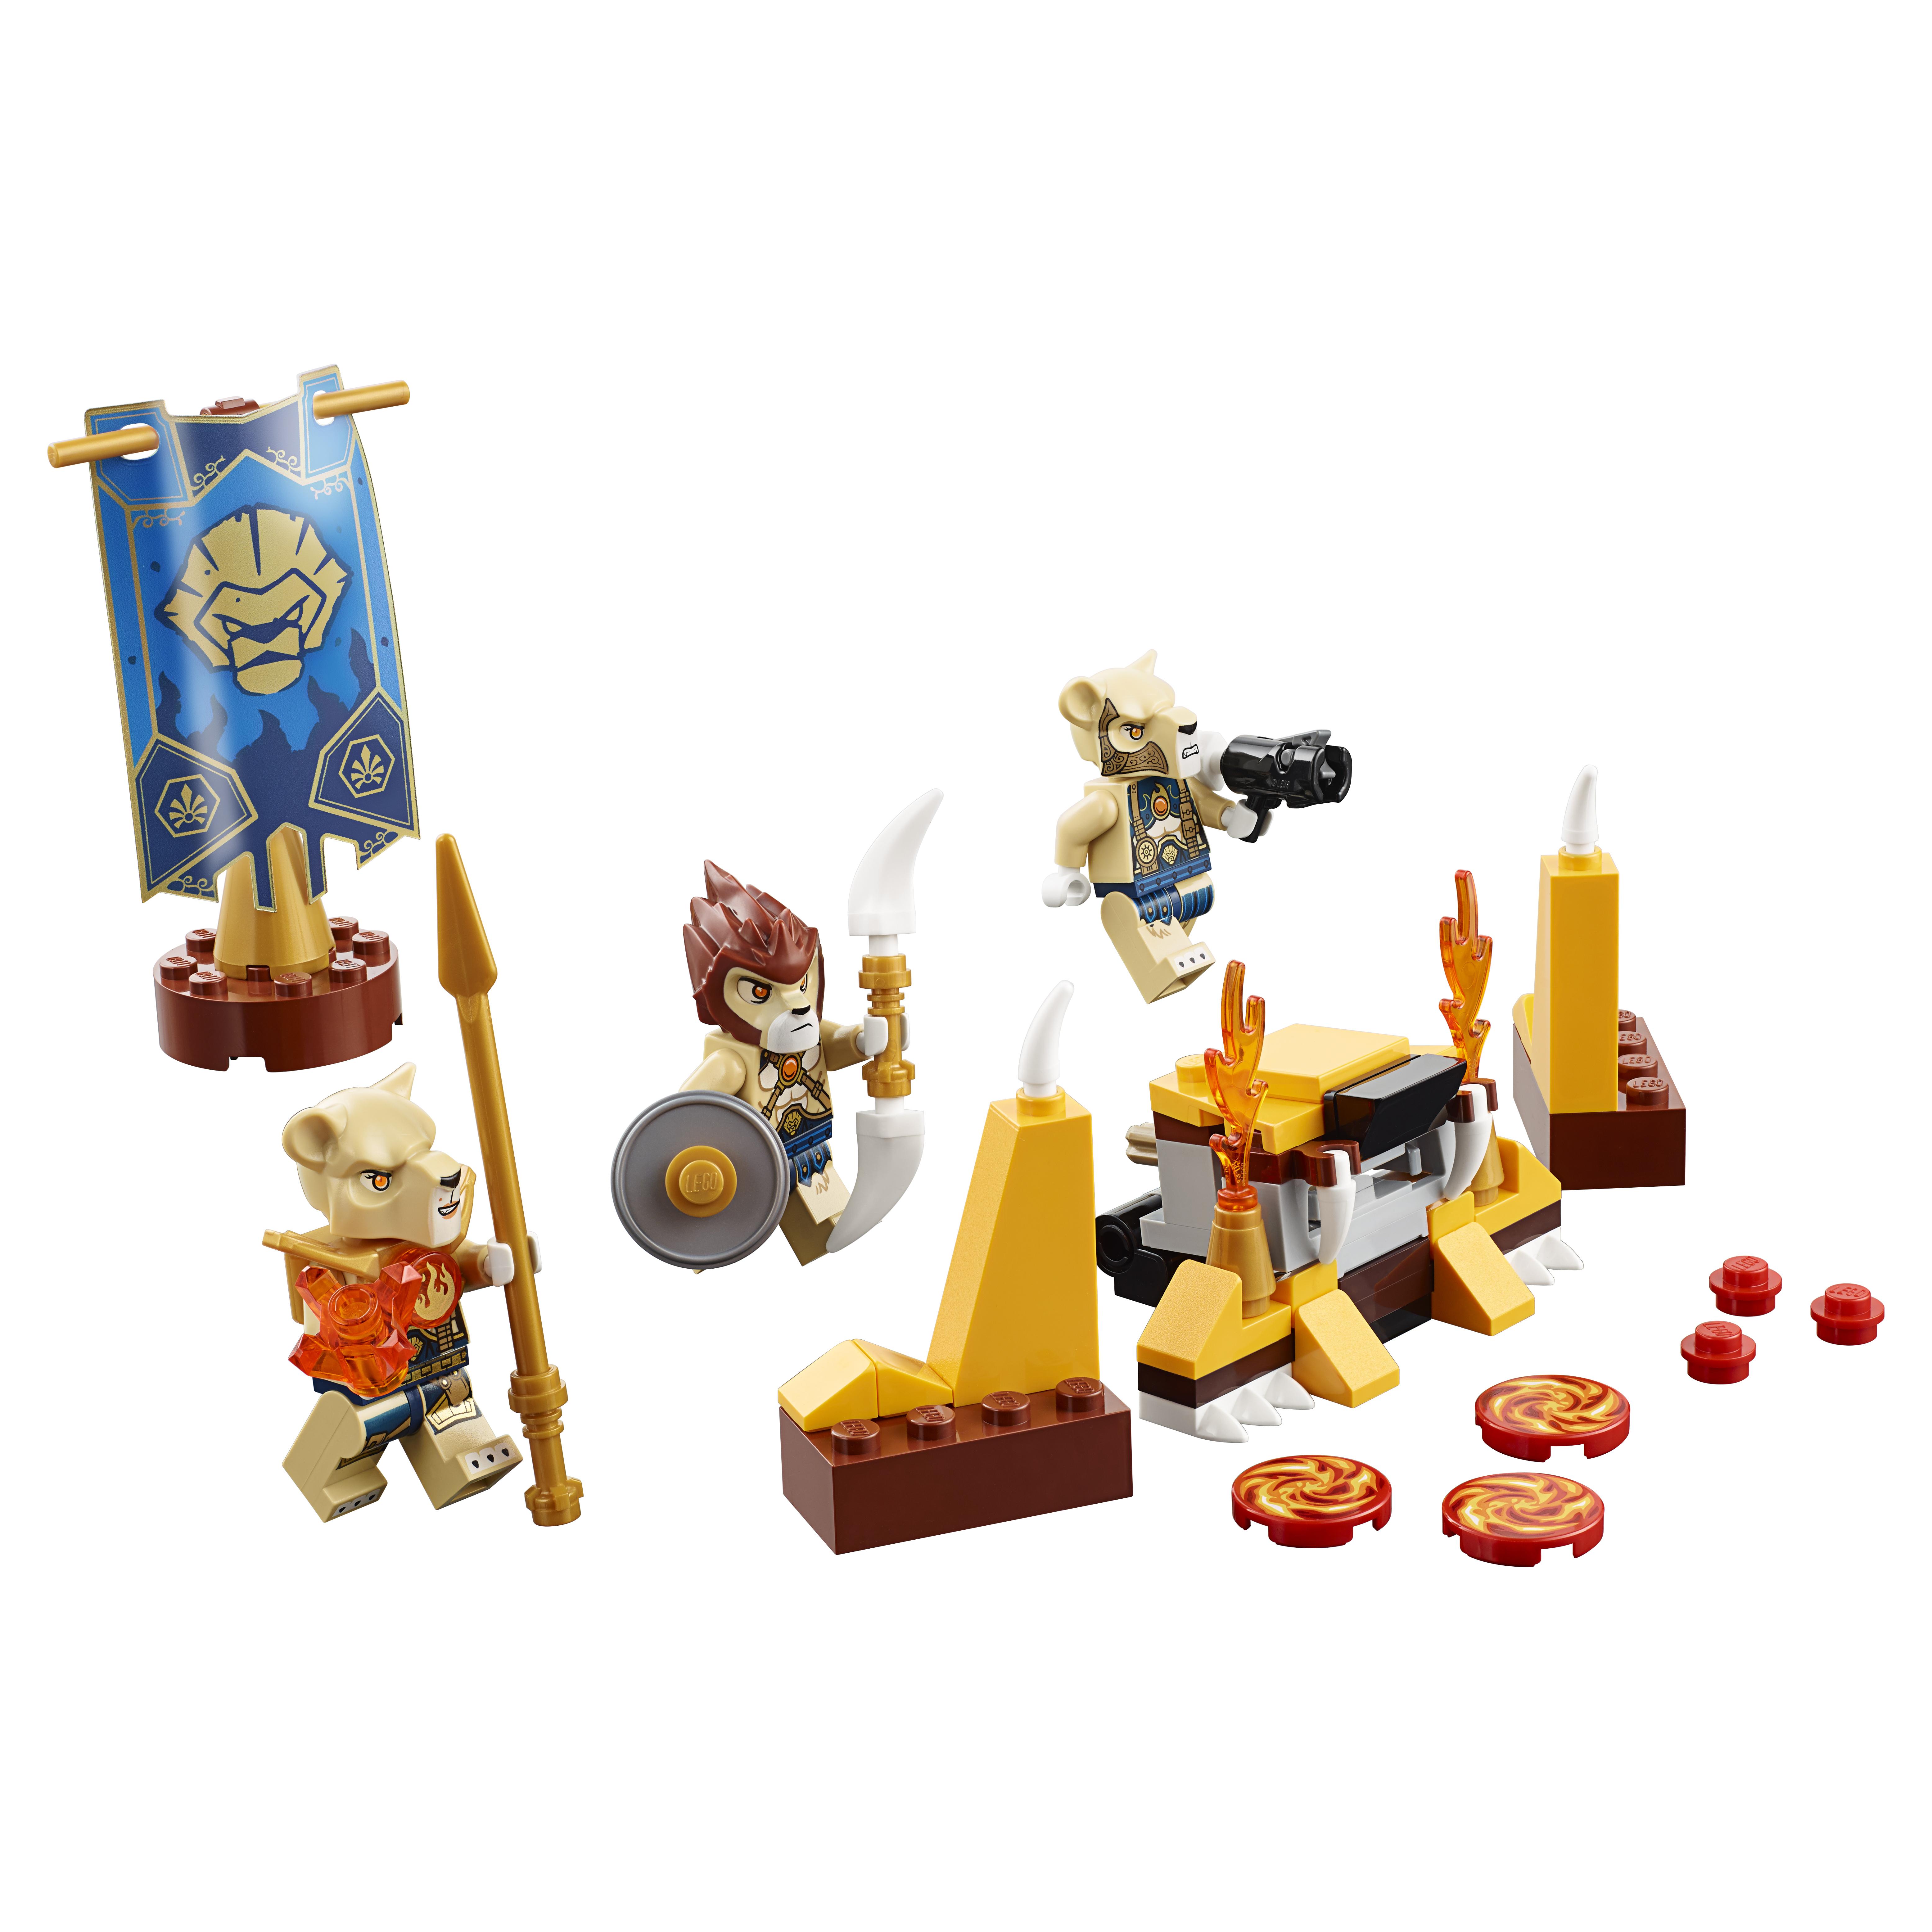 Конструктор LEGO Chima Лагерь Клана львов (70229) фото